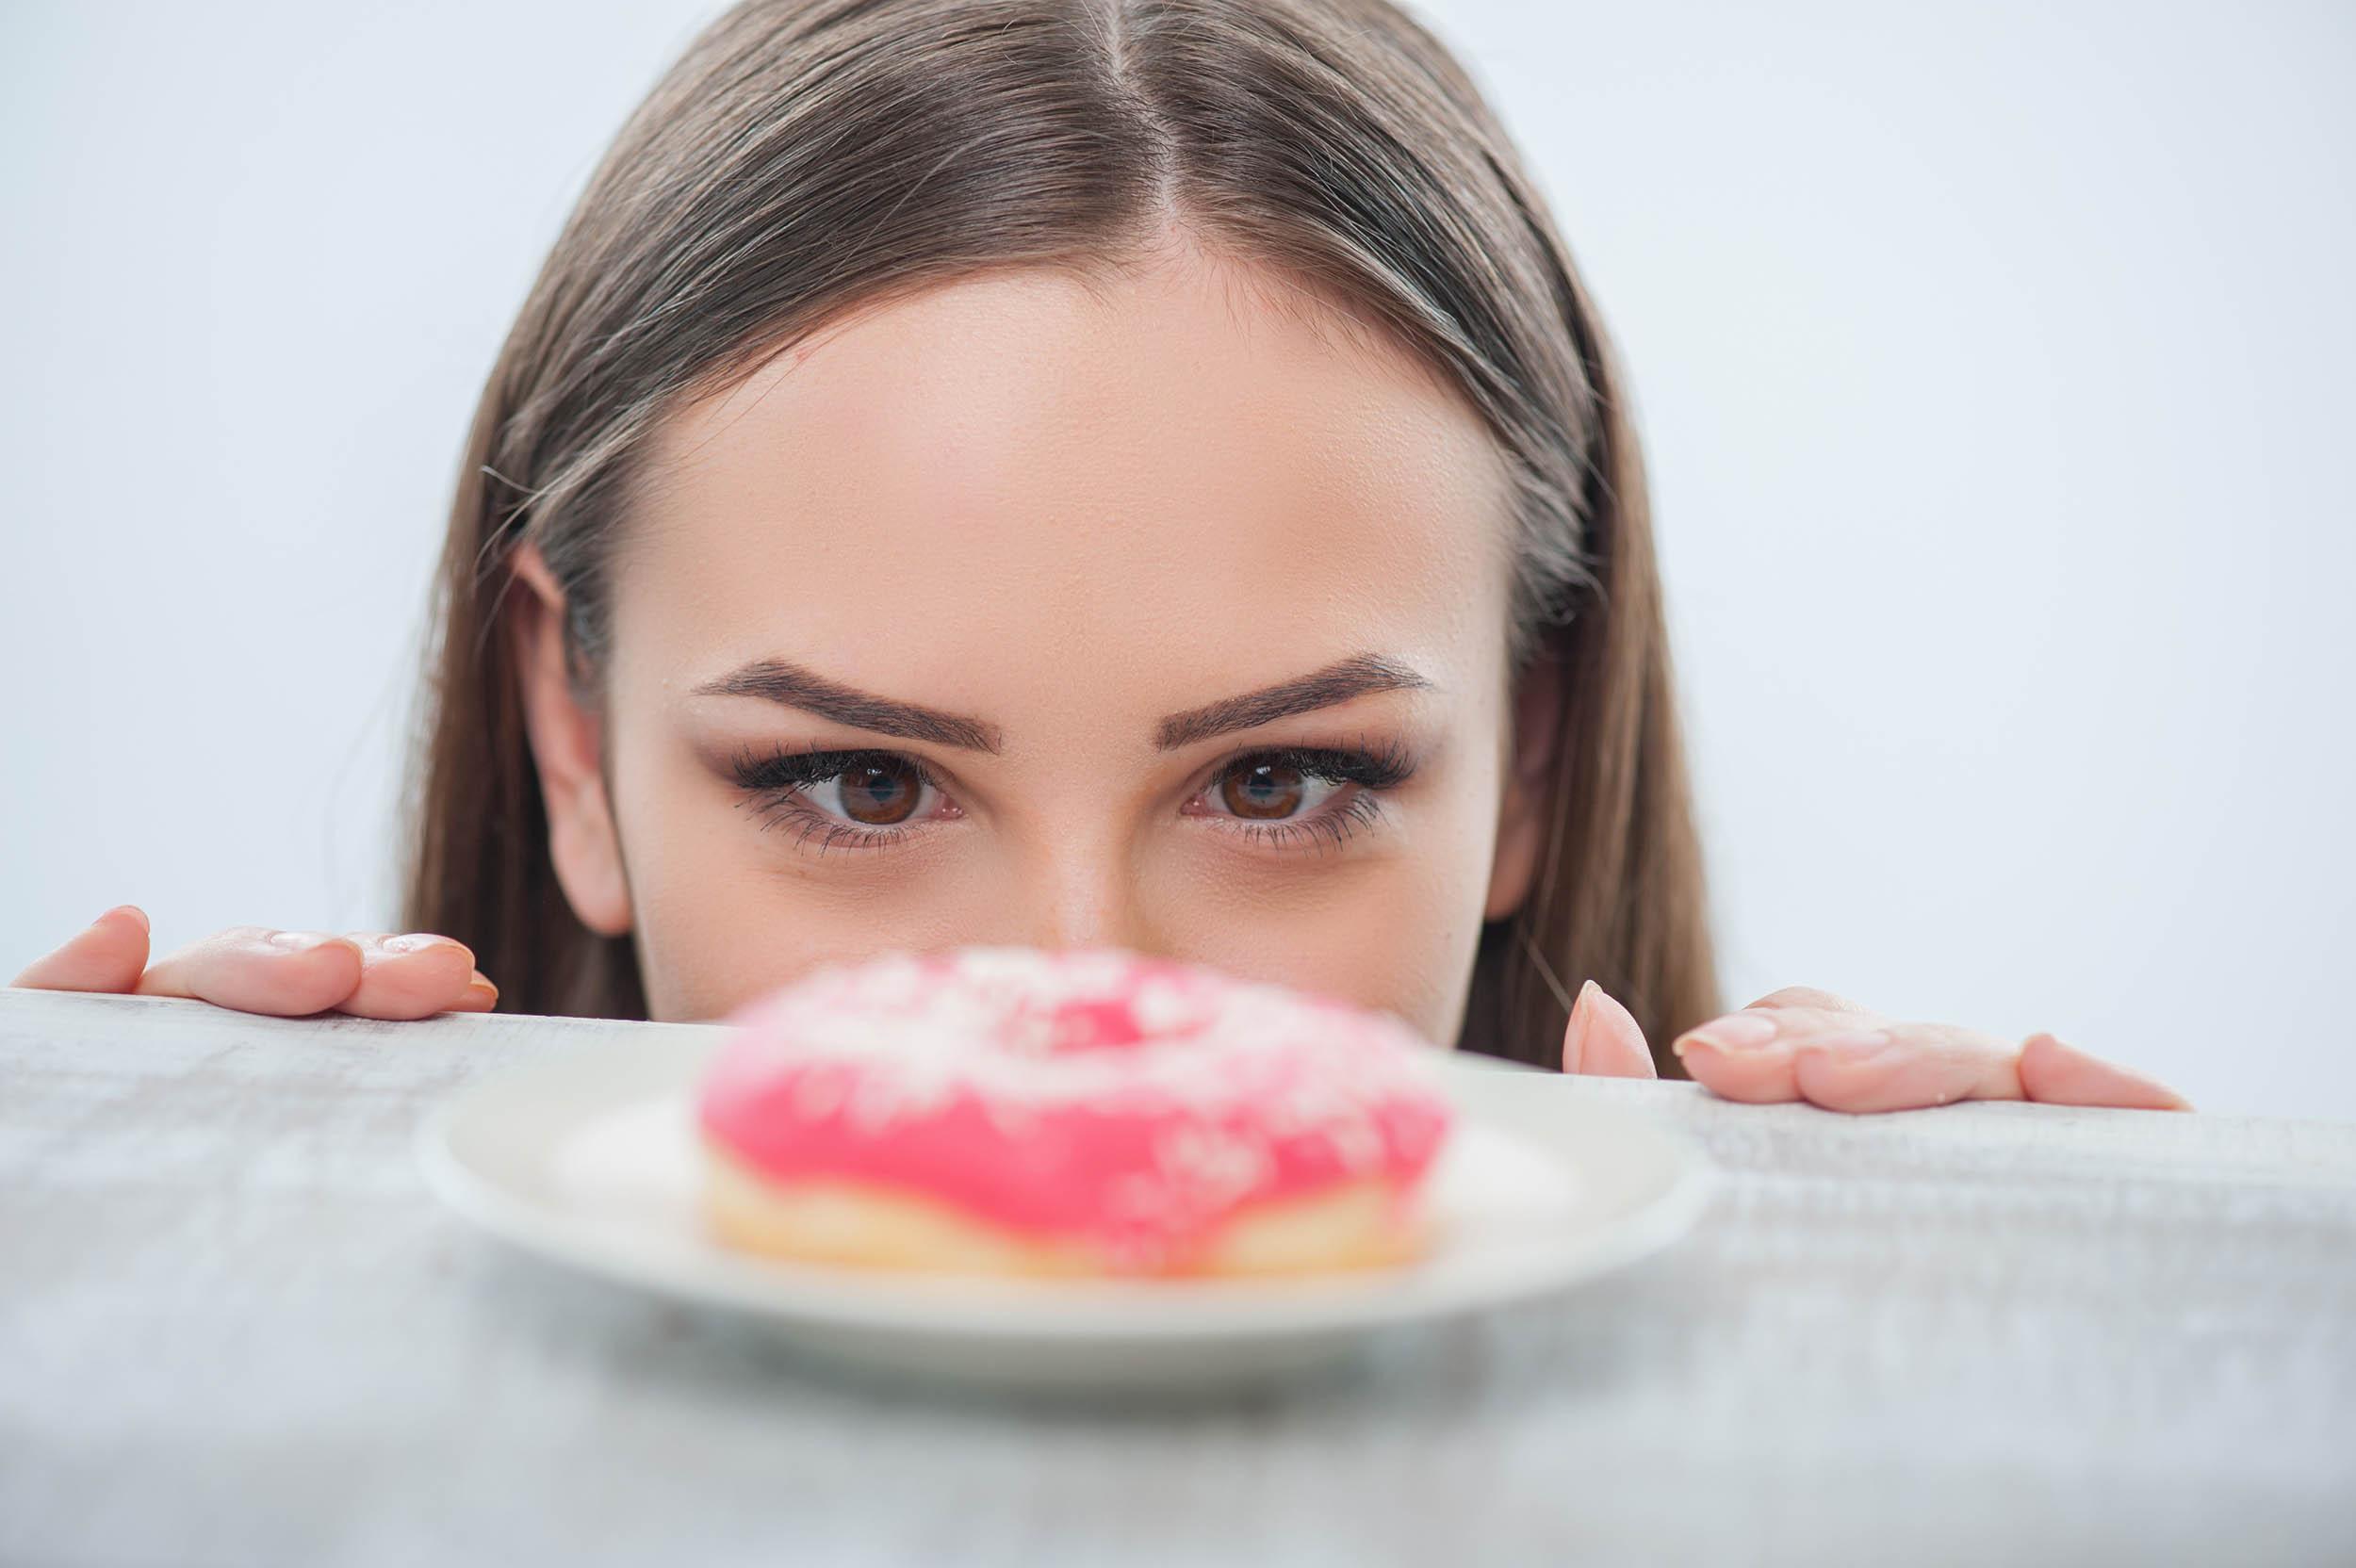 Как На Диете Побороть Голод. Чем утолить голод при похудении и уменьшить аппетит